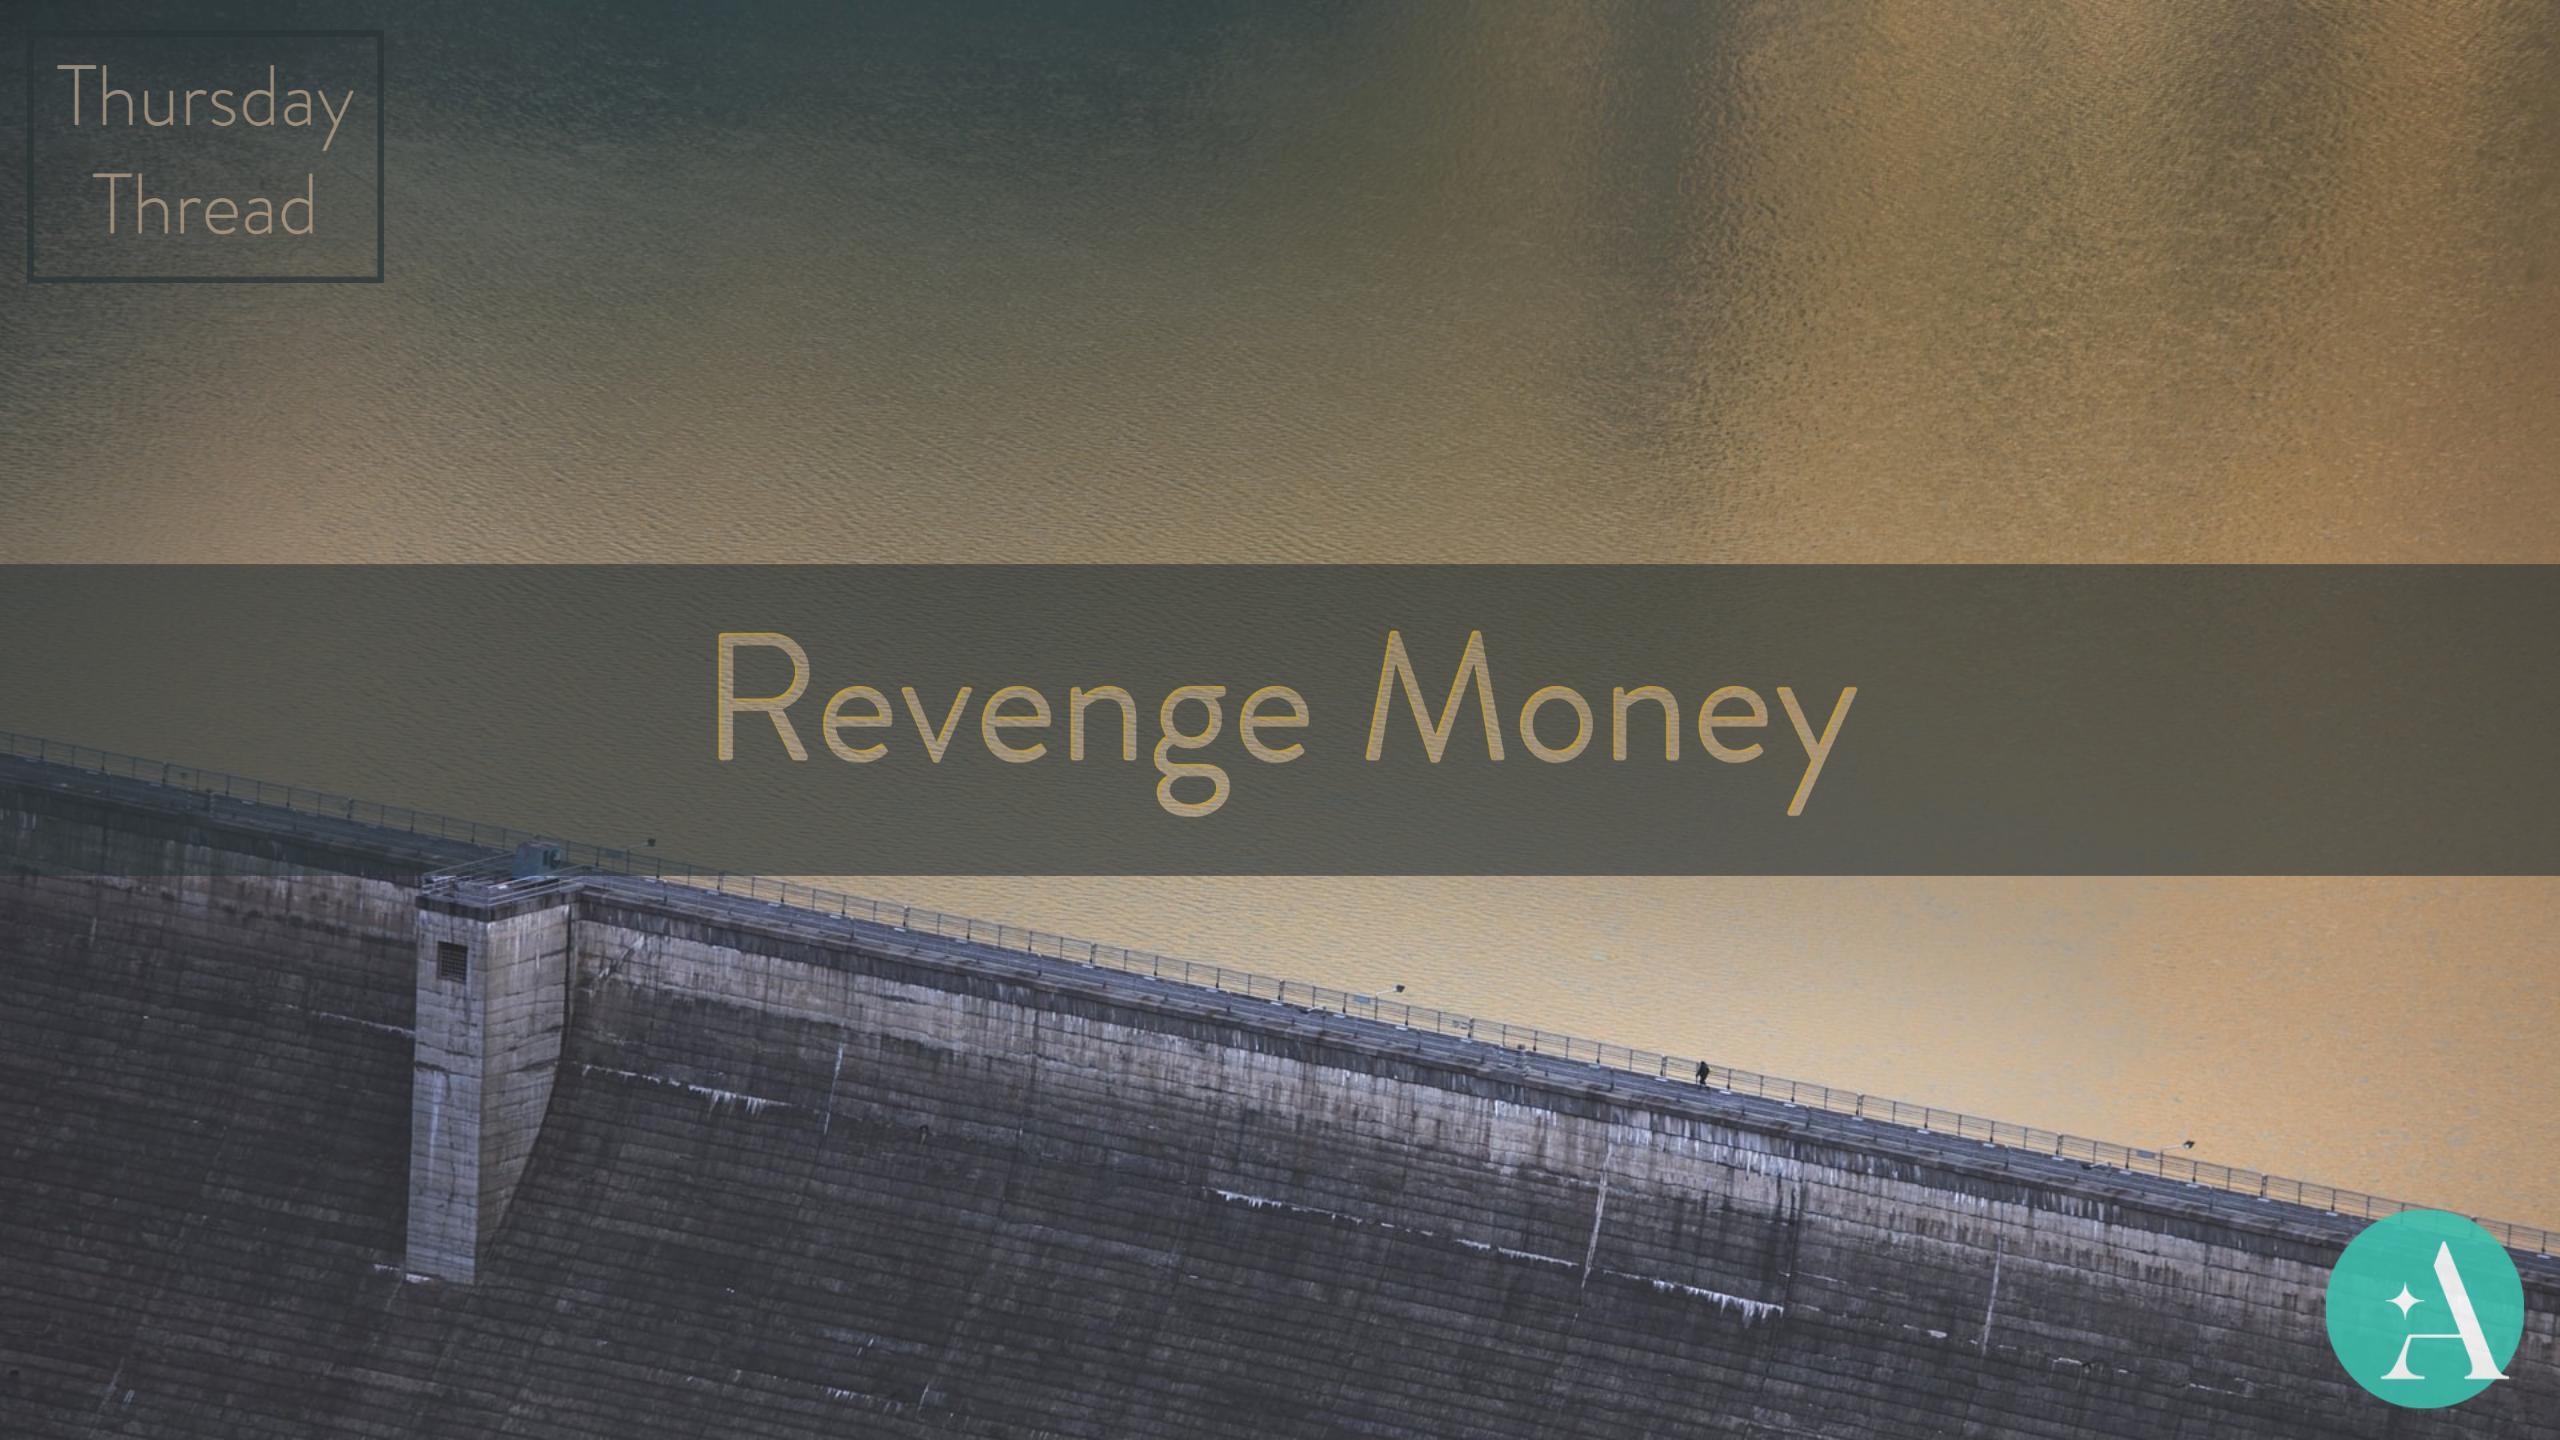 Thursday Thread: Revenge Money Thumbnail